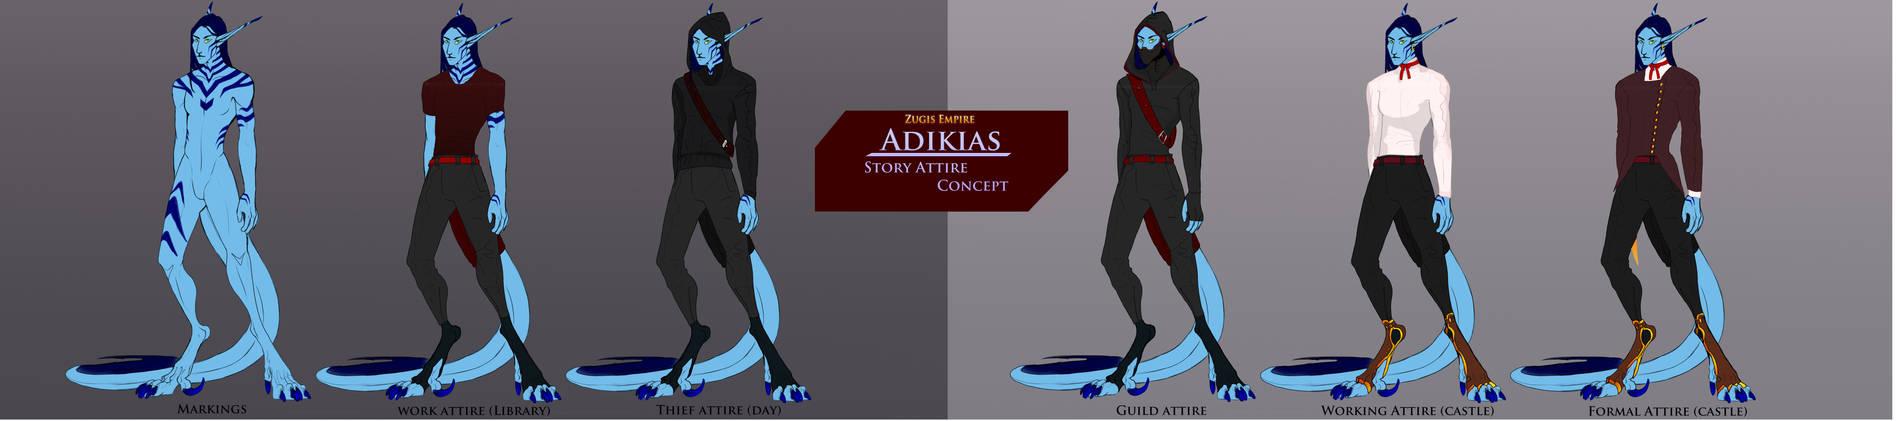 Adikias Story Attire Concepts